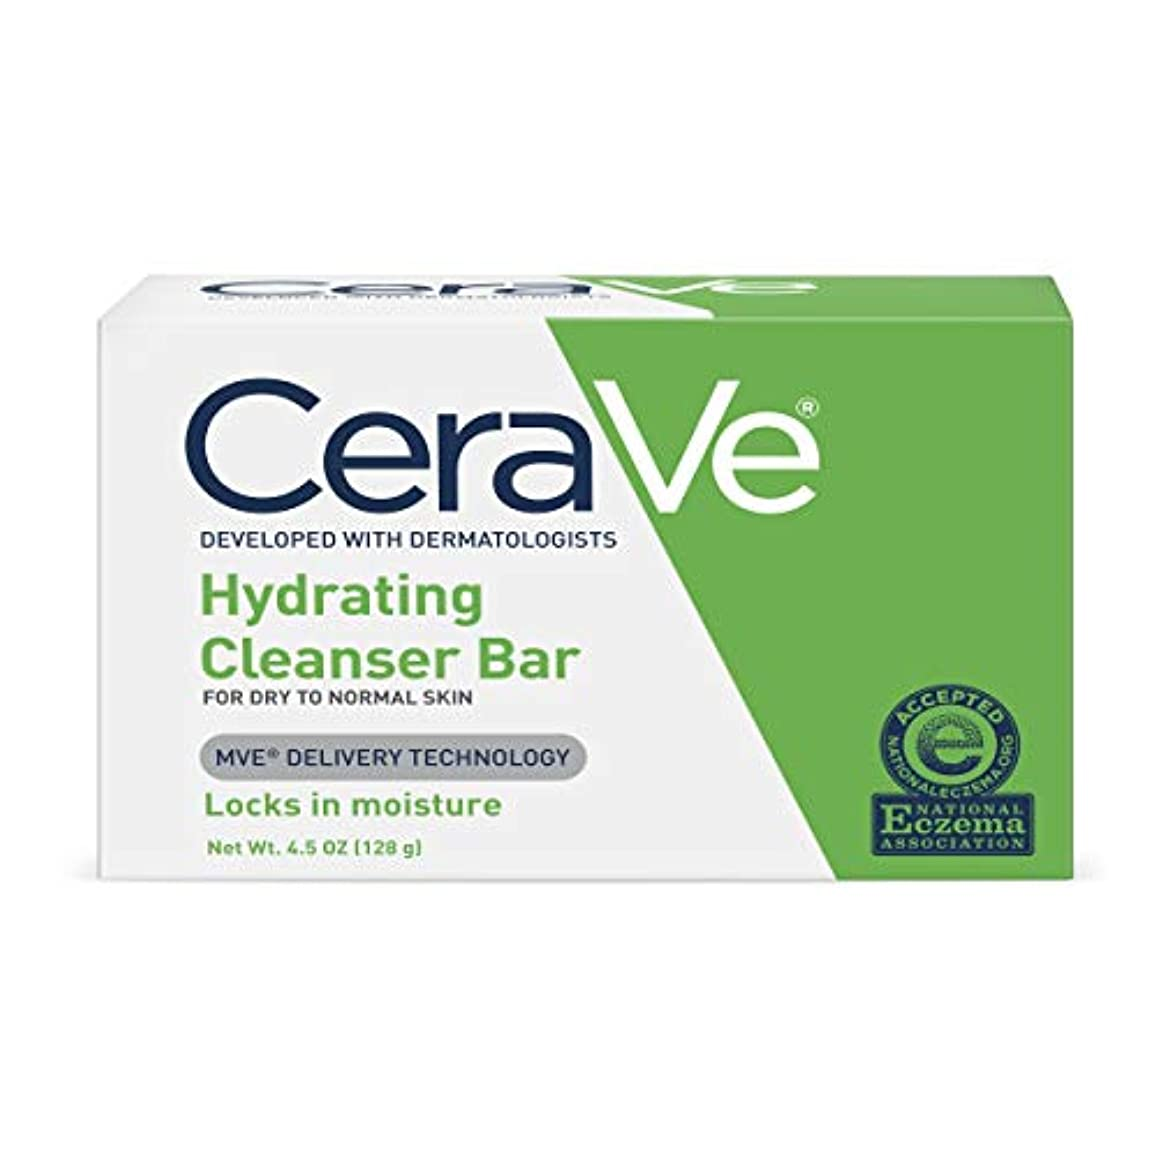 液体ドックショッピングセンターCeraVe 正常皮膚とハイドレイティングクレンザーバードライ - 4.5オズ、5パック